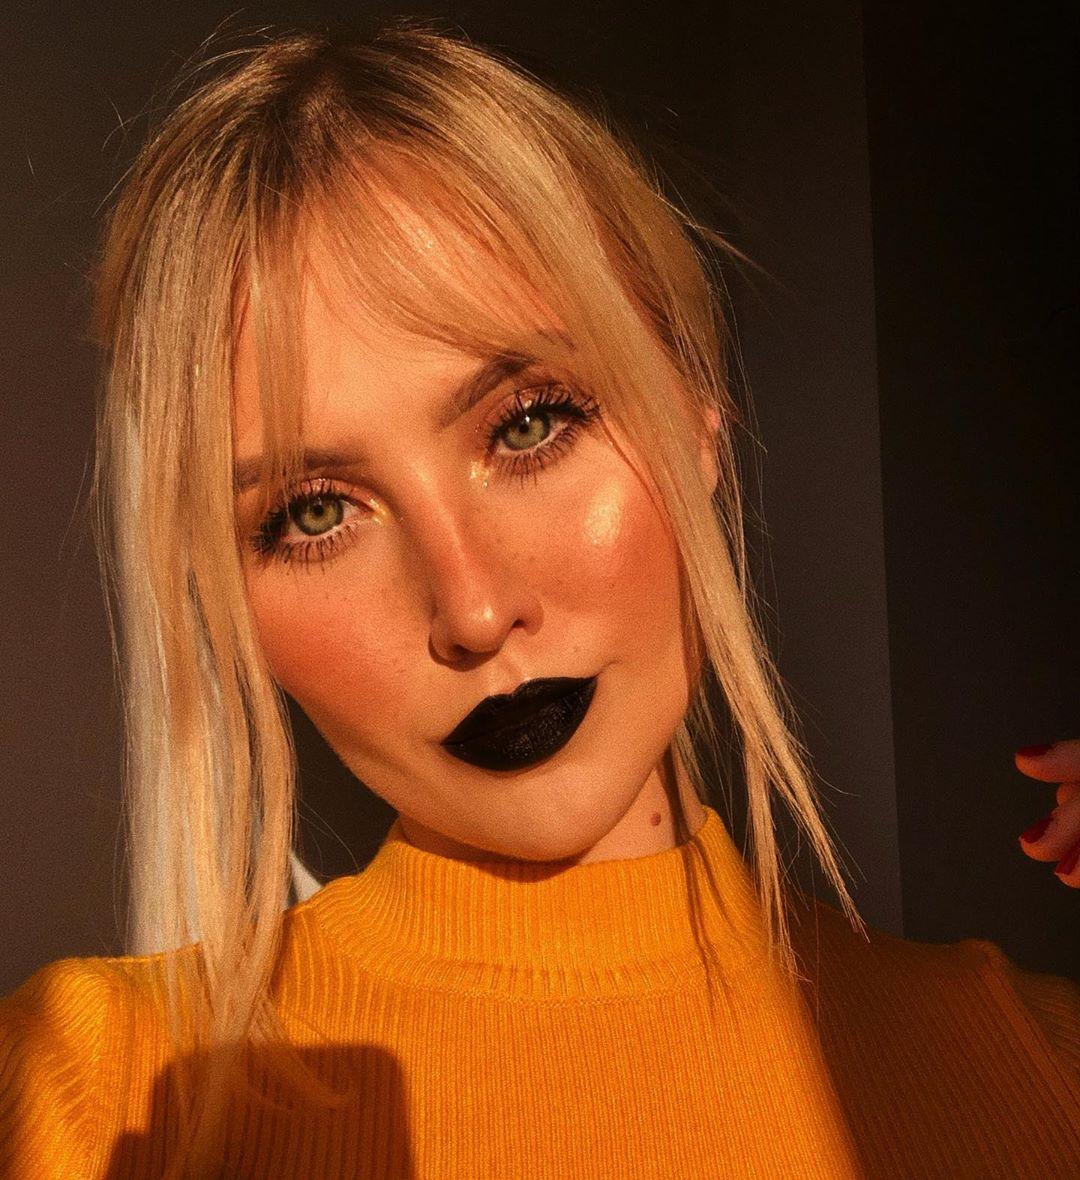 Faux Freckles Makeup technique with black lipstick